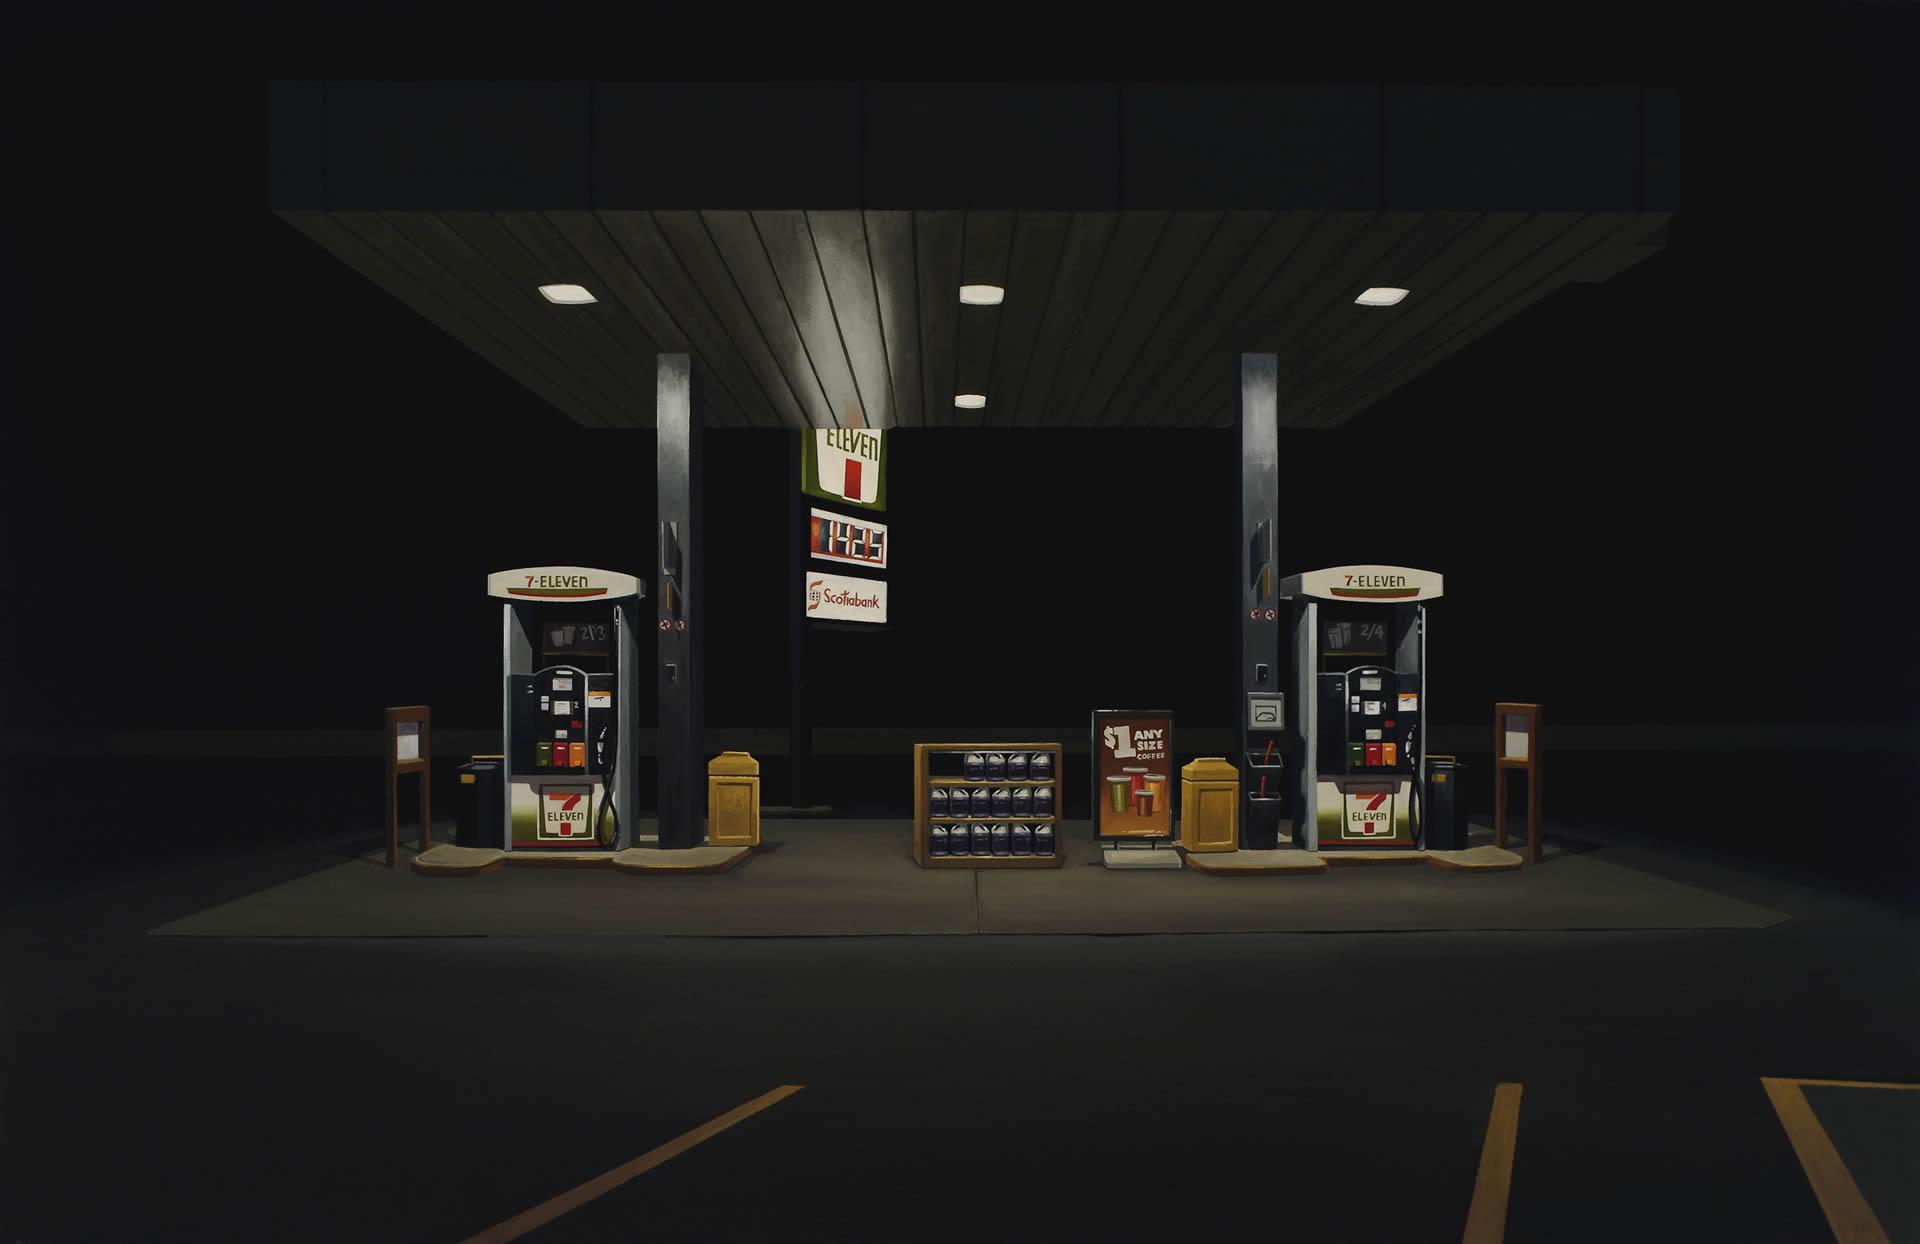 Peter-Harris-7-Eleven-At-Midnight-30x46-Online-Art-Galleries